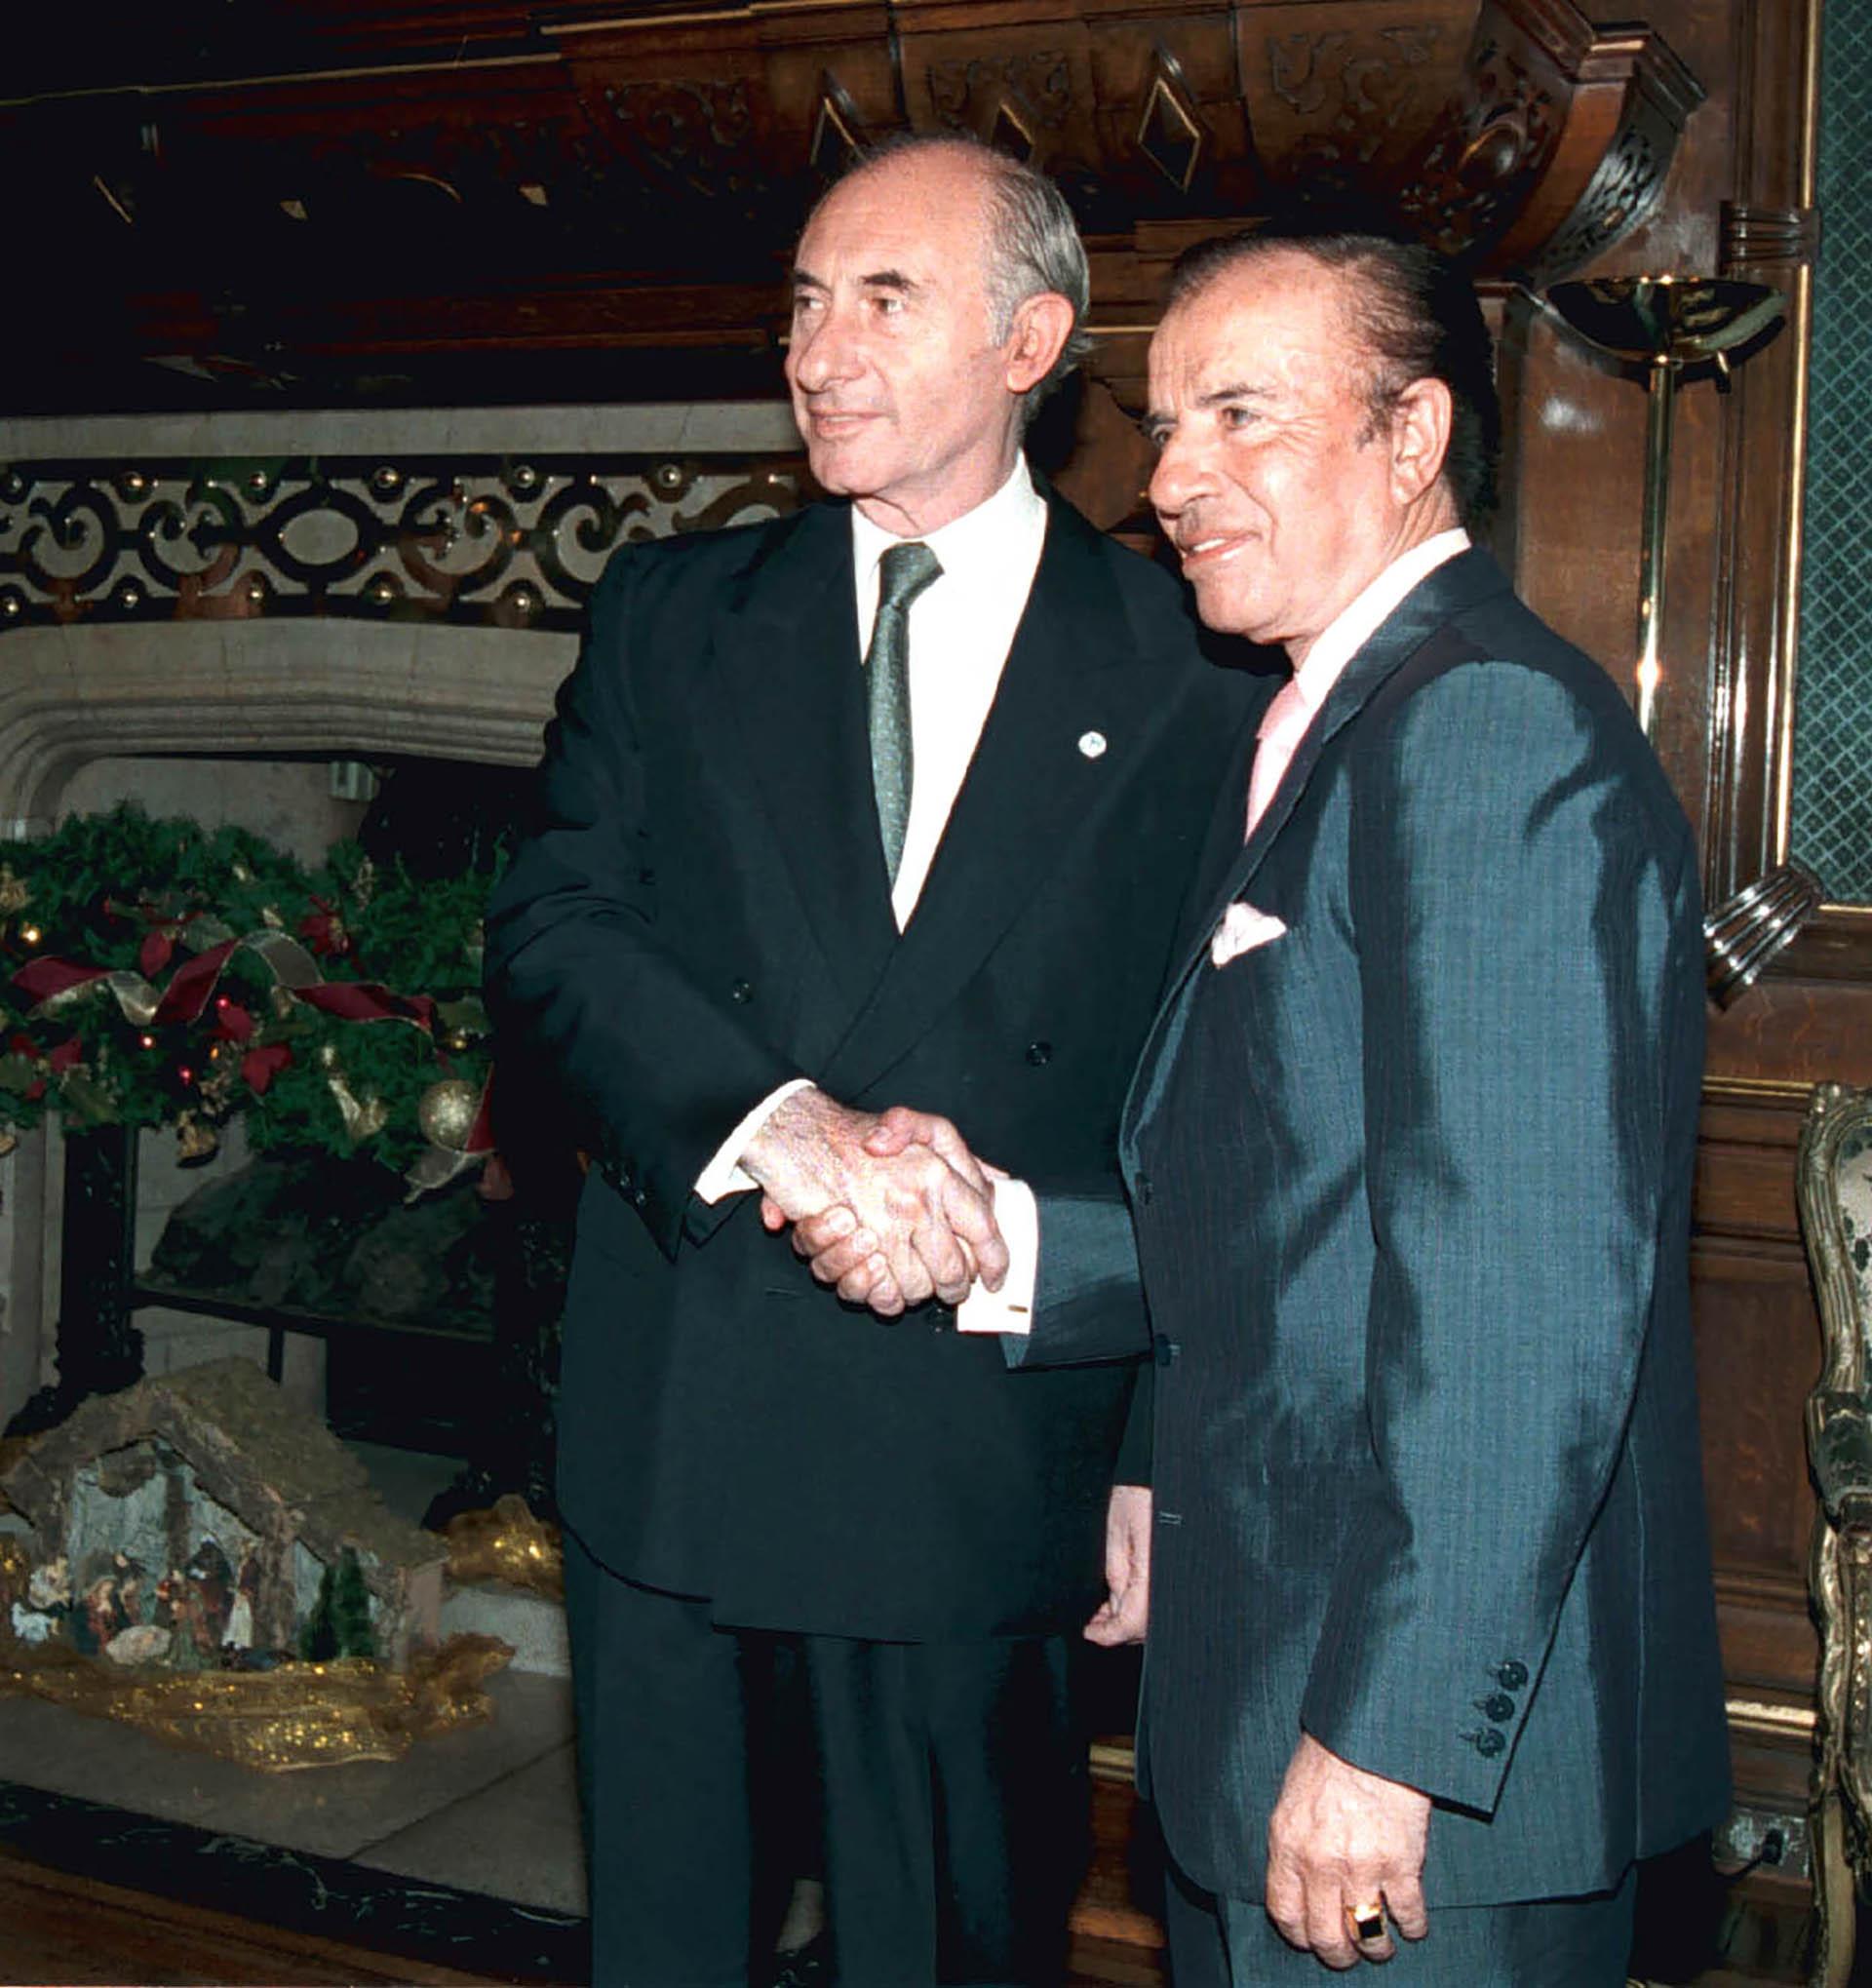 La reunión entre ambos tuvo lugar en el despacho presidencial